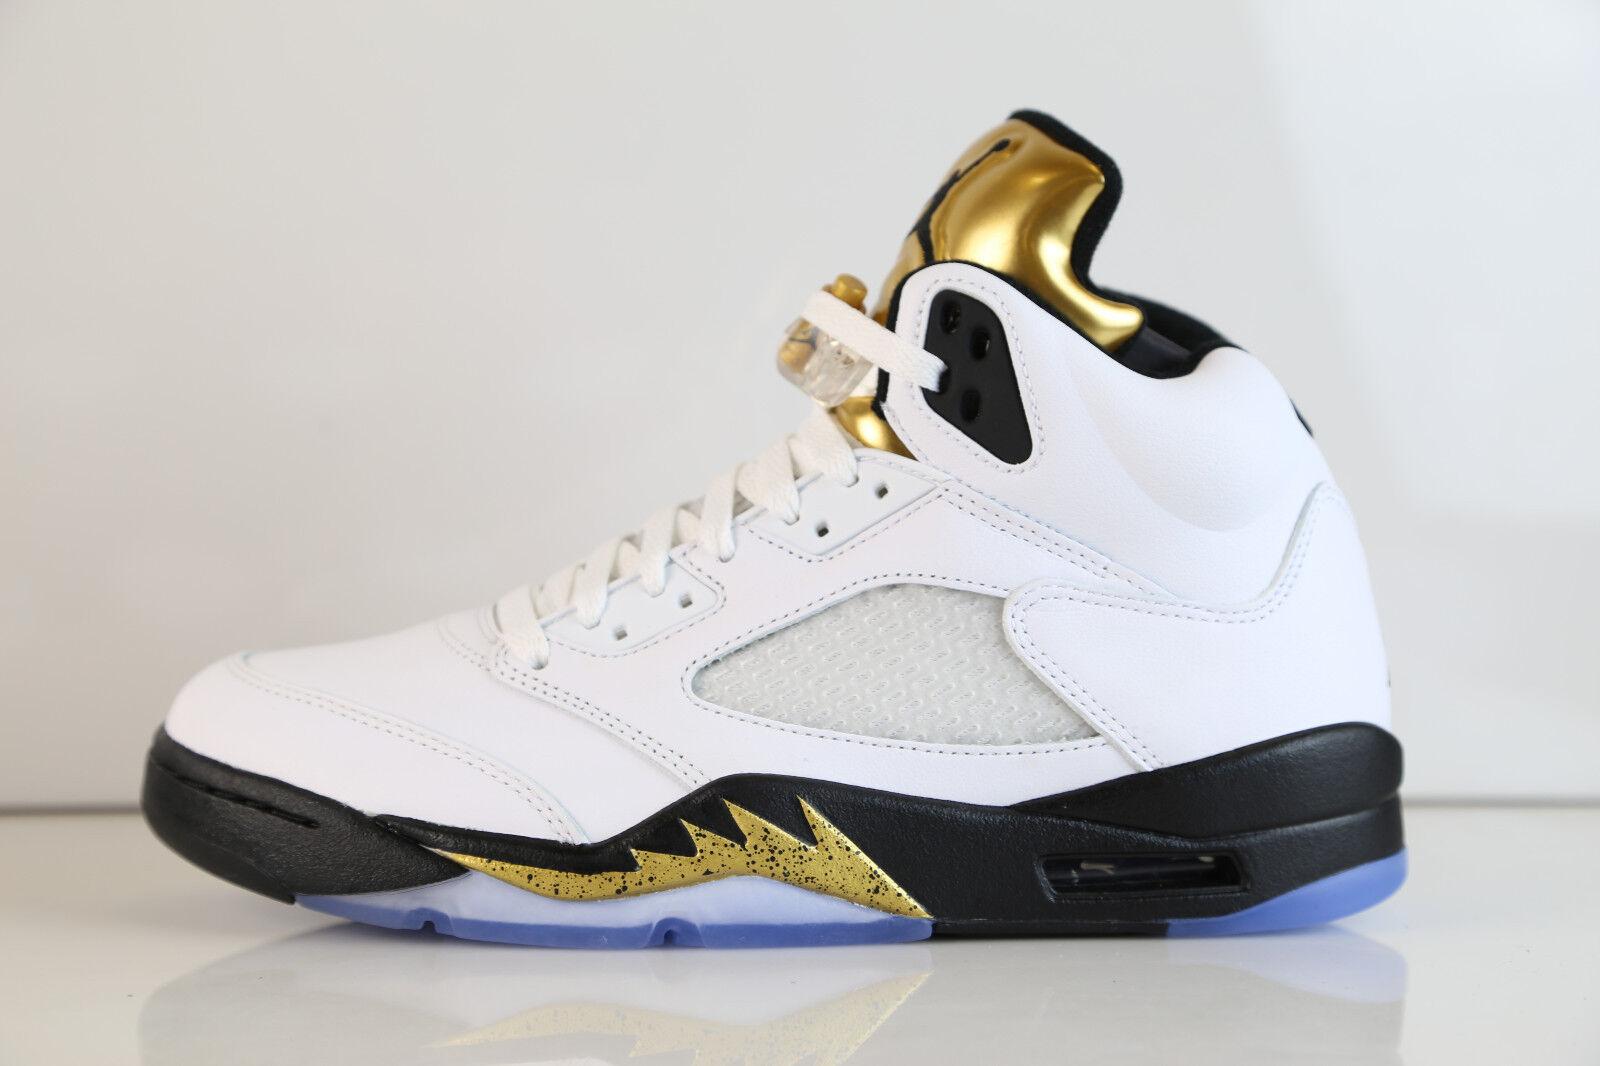 Nike Air Jordan Retro 5 blanco oro olímpico 136027 de la lengua 2018 136027 olímpico 133 7.515 11 12 2cc5a2